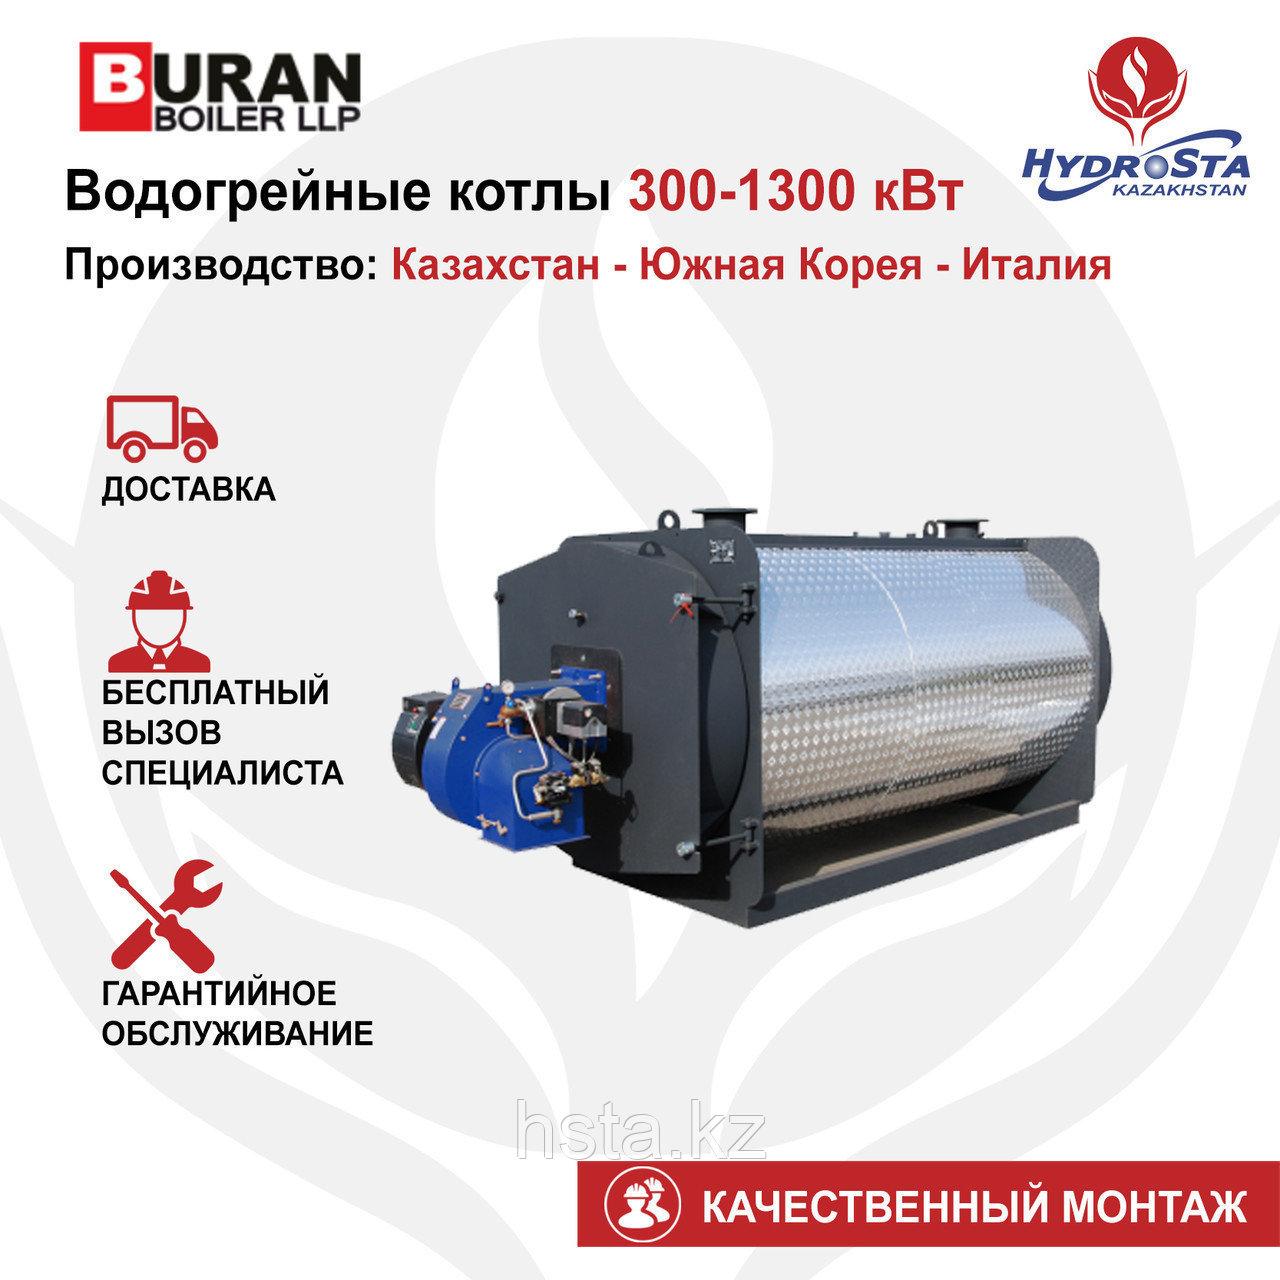 Котел одноконтурный Cronos BB-950 (Buran Boiler) 950кВт (цена без горелки)